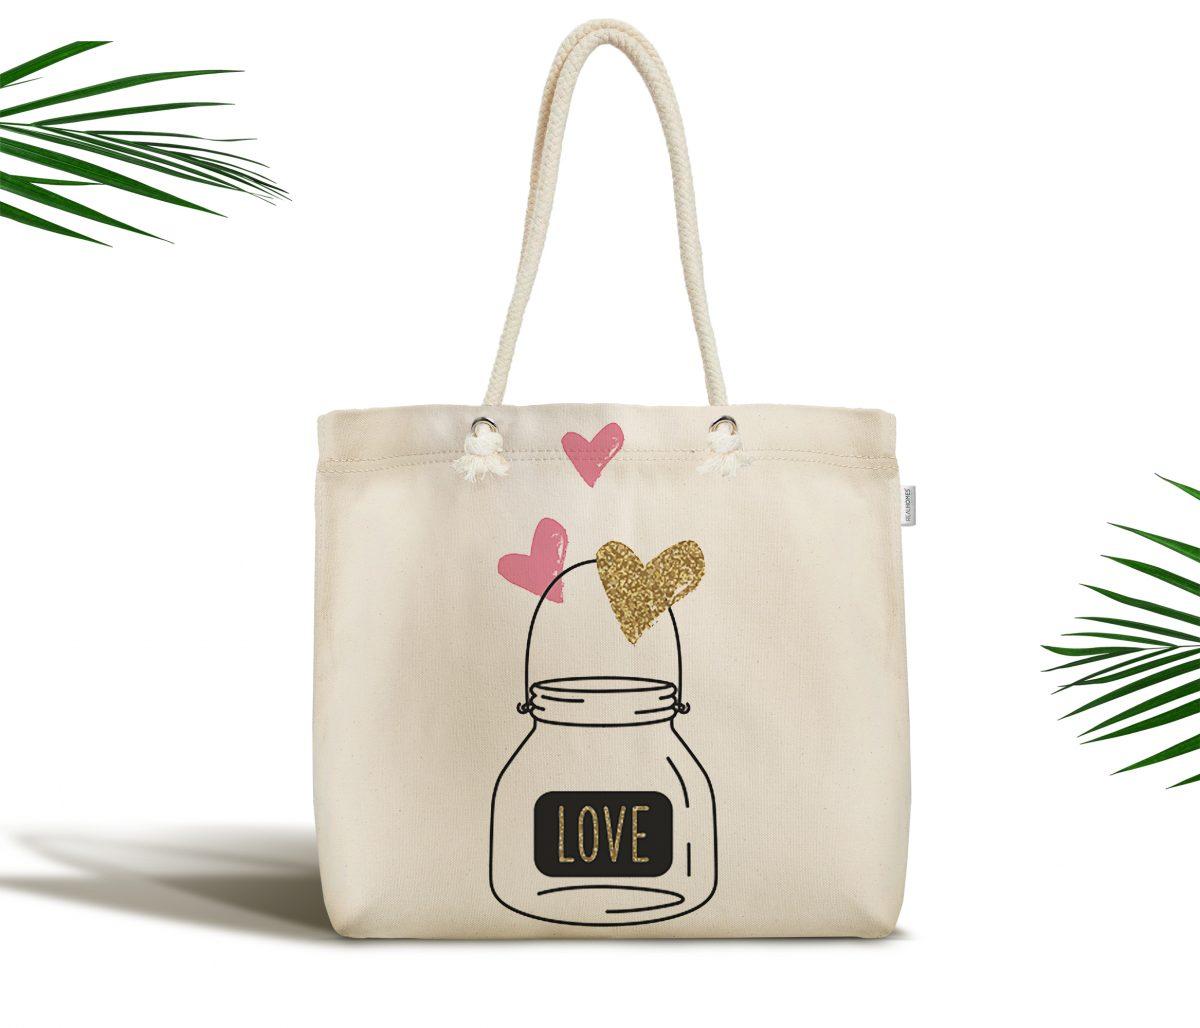 Krem Temalı Love Yazılı Dijital Baskılı Fermuarlı Kumaş Çanta Realhomes